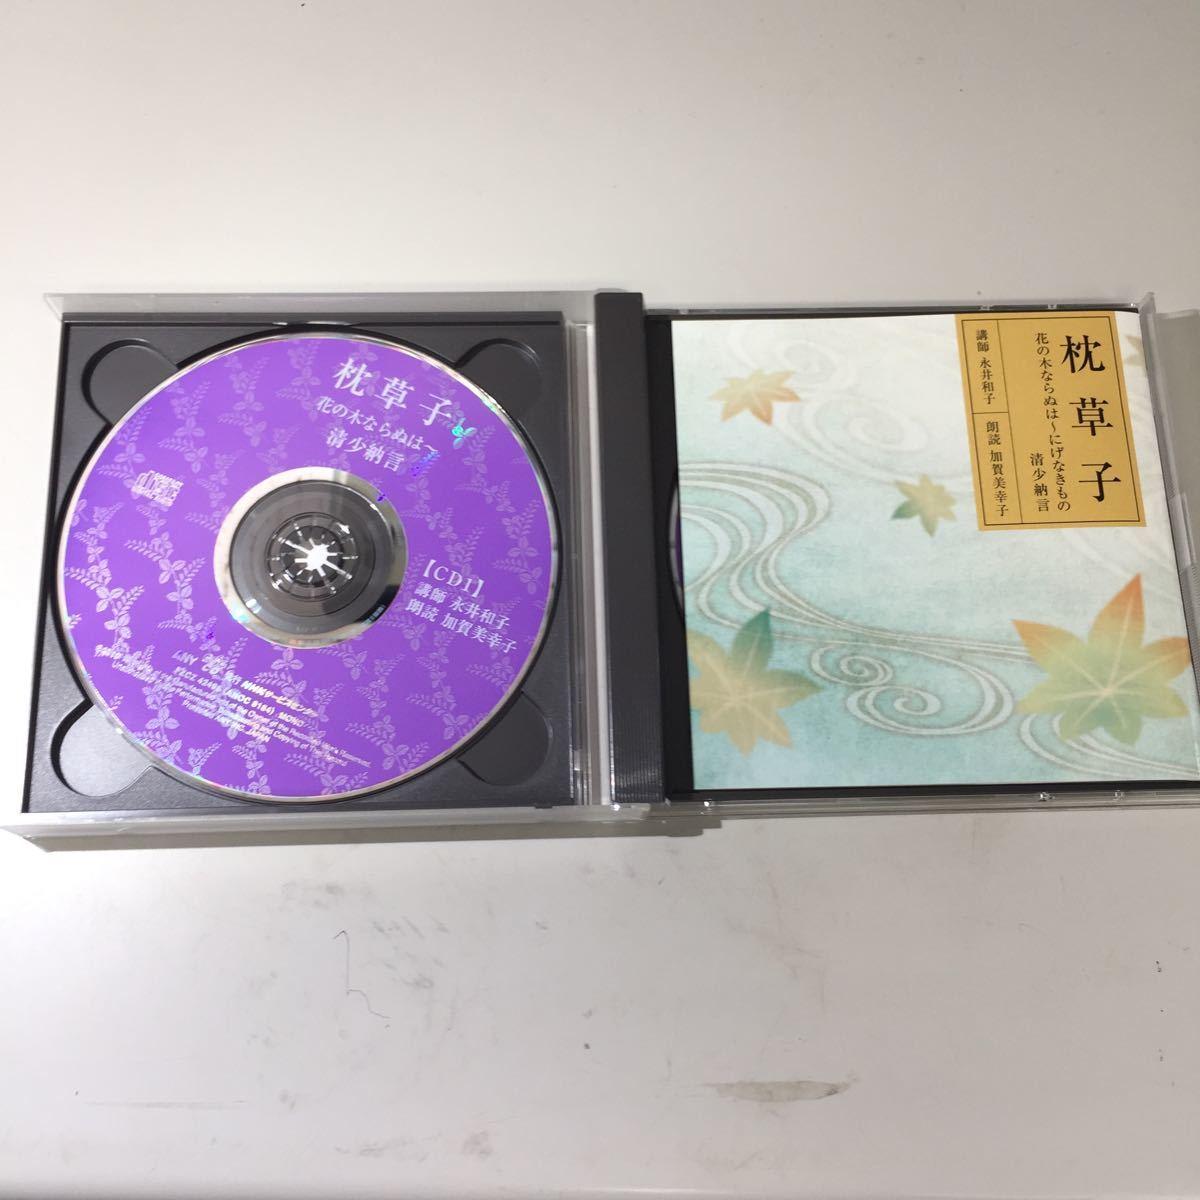 枕草子CD 春の木ならぬは にげなきもの 清少納言 二枚組_画像2